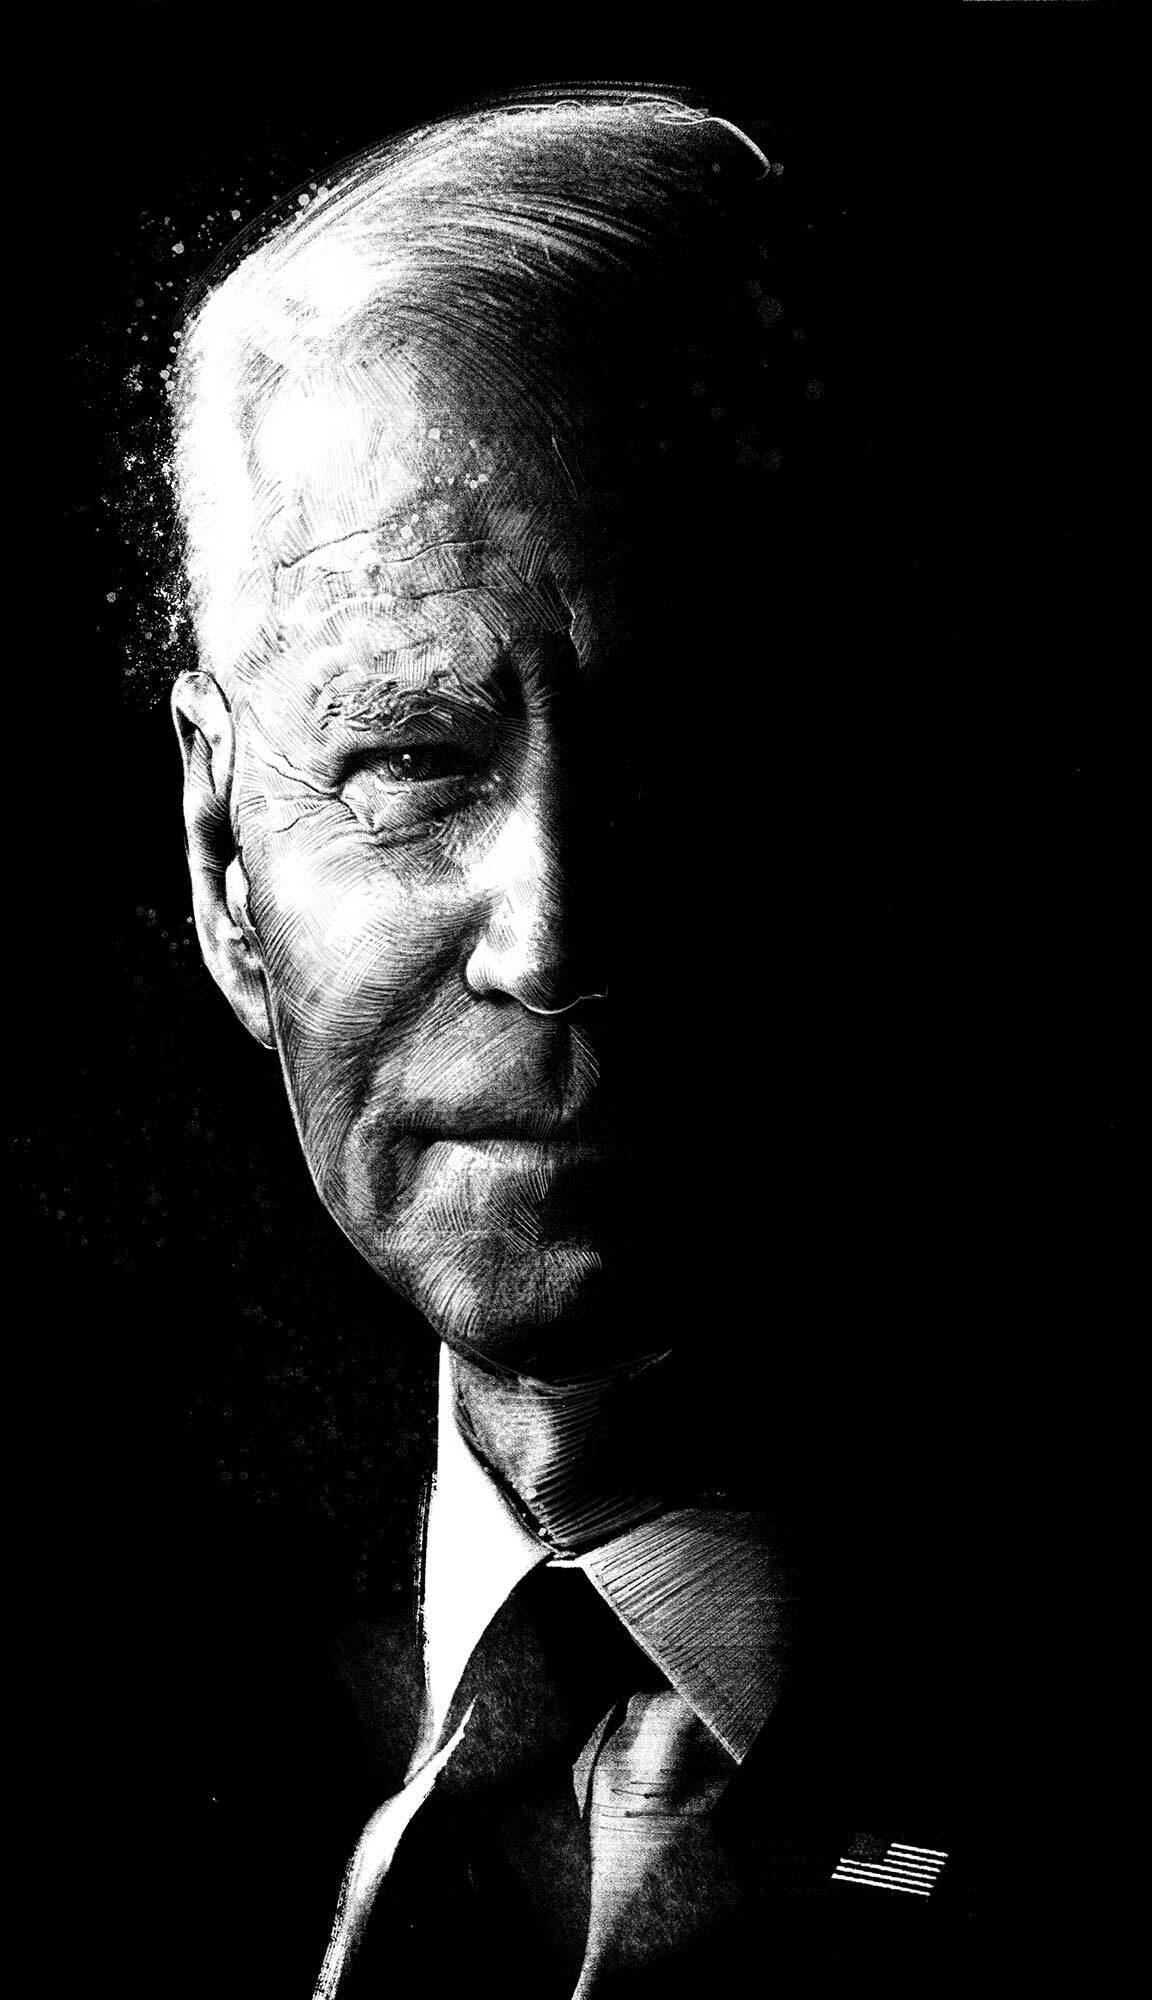 Joe Biden portait illustration editorial black and white phantom shadow light us president political - Kornel Illustration | Kornel Stadler portfolio